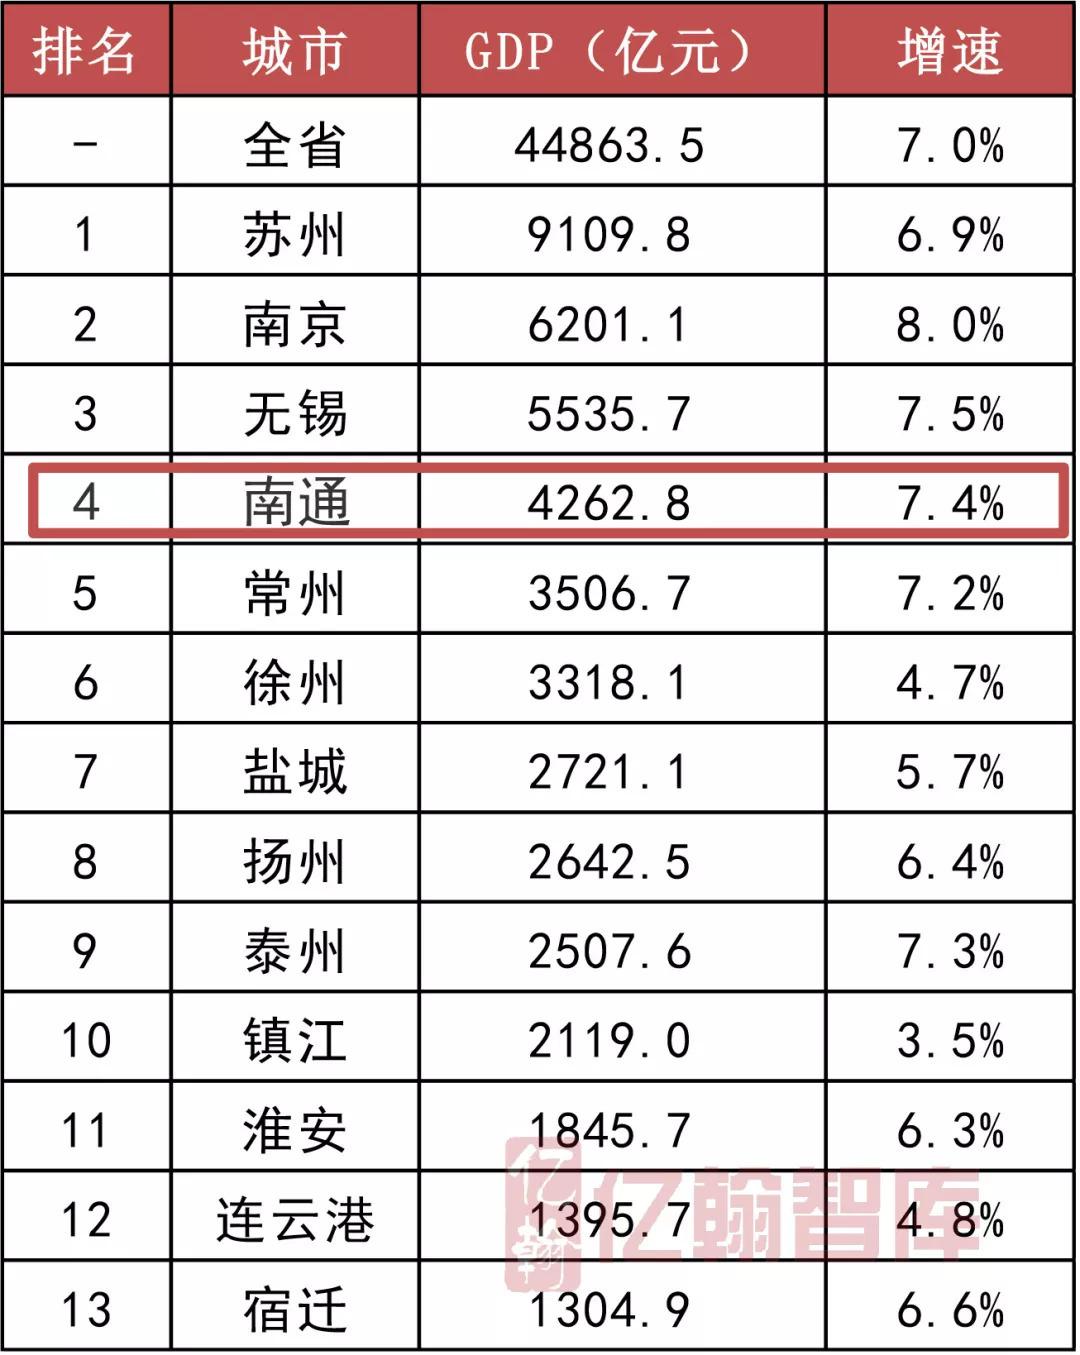 江苏各县gdp_江苏各市gdp排名